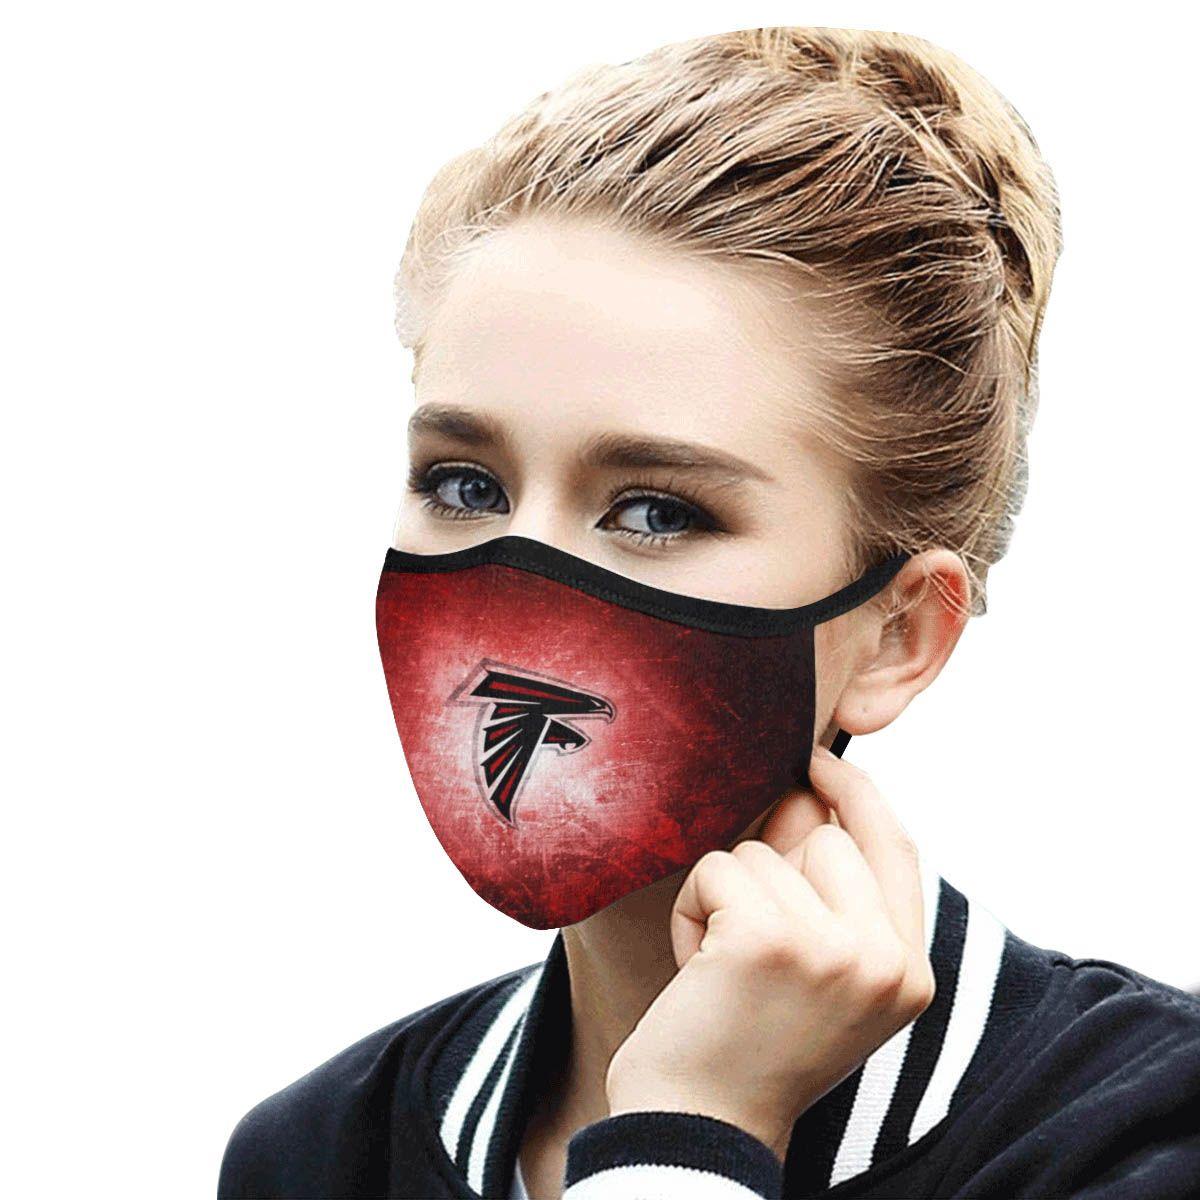 Atlanta Falcons Face Mask Antibacterial Fabric In 2020 Face Mask Atlanta Falcons Mask